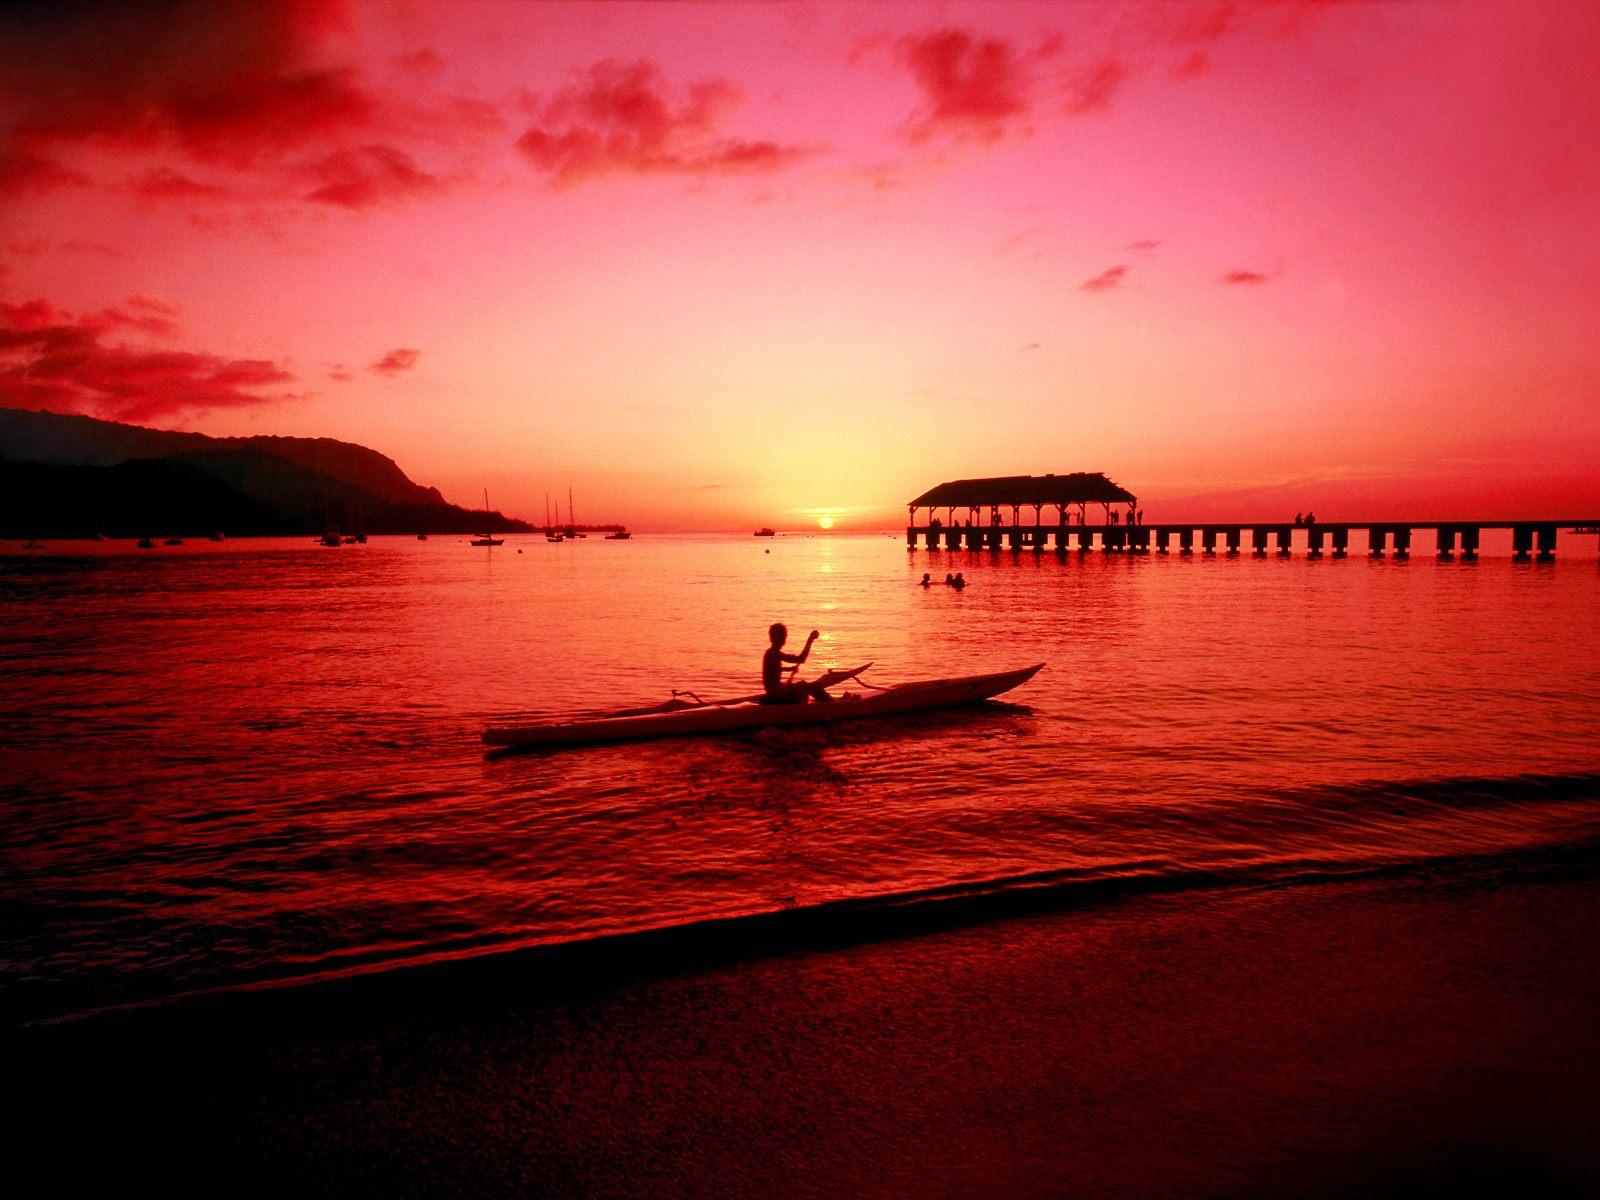 hawaii beach sunset stockphoto 1600x1200